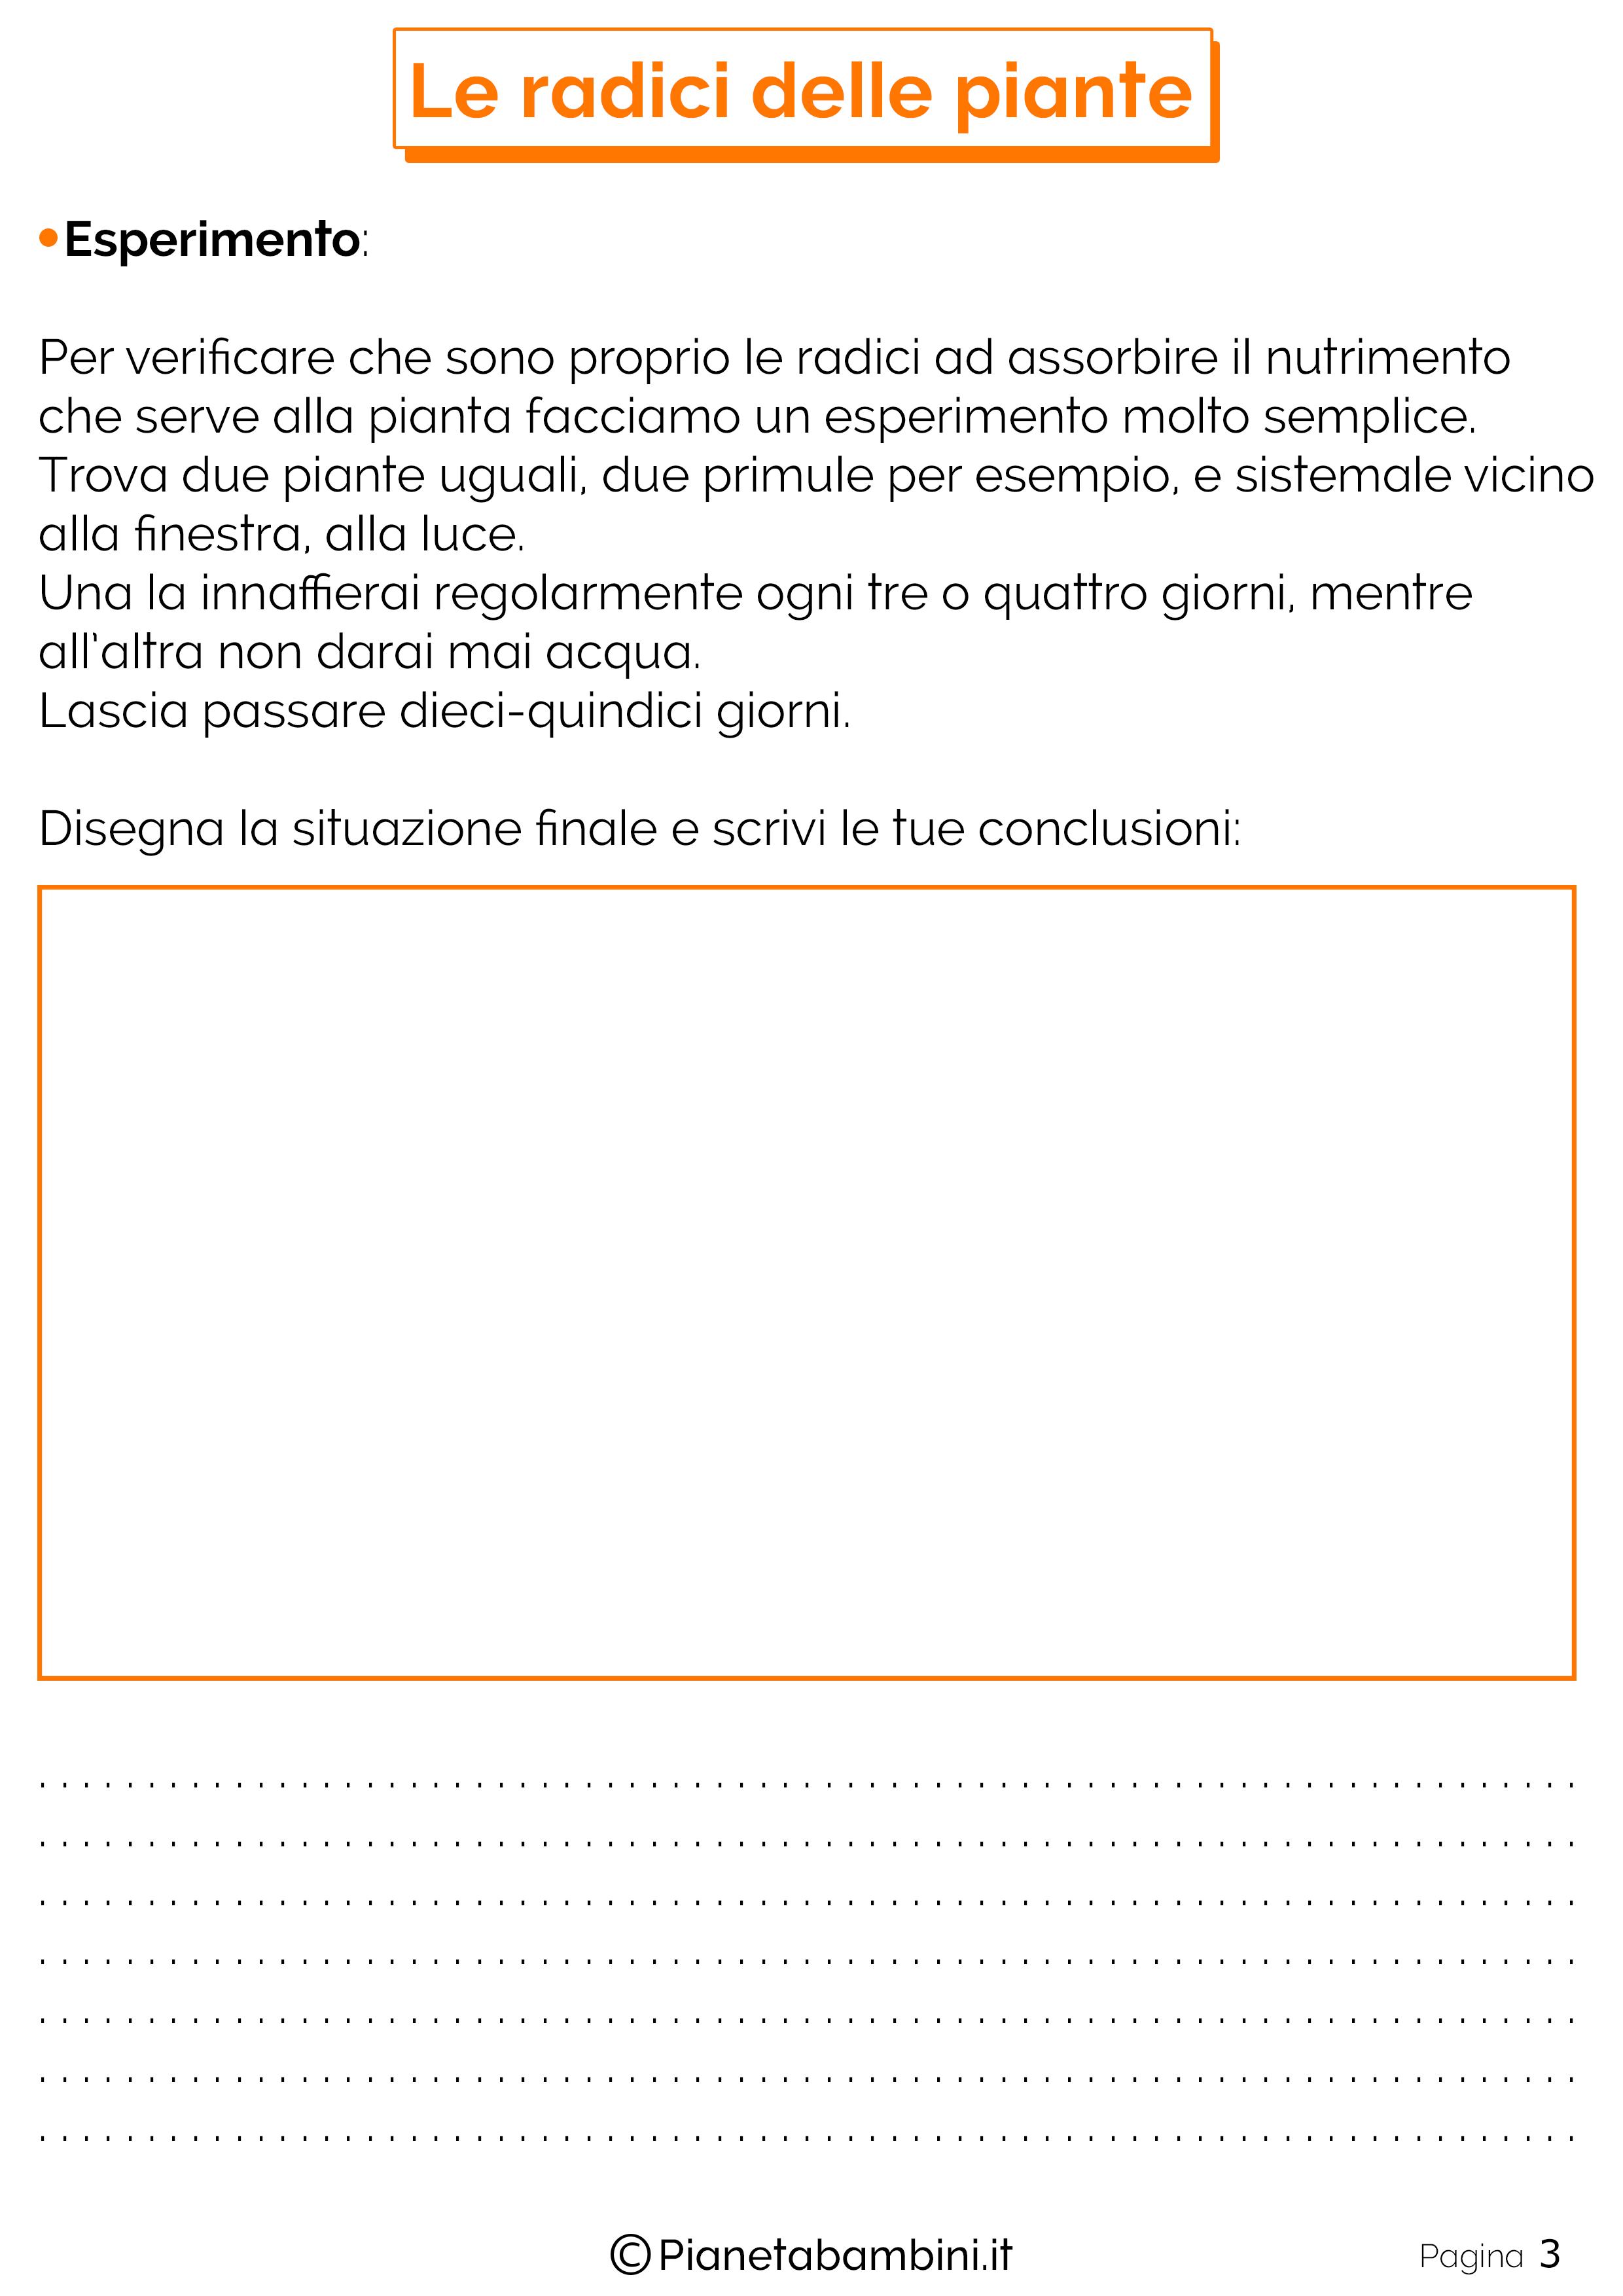 Schede-Didattiche-Radici-Piante-3